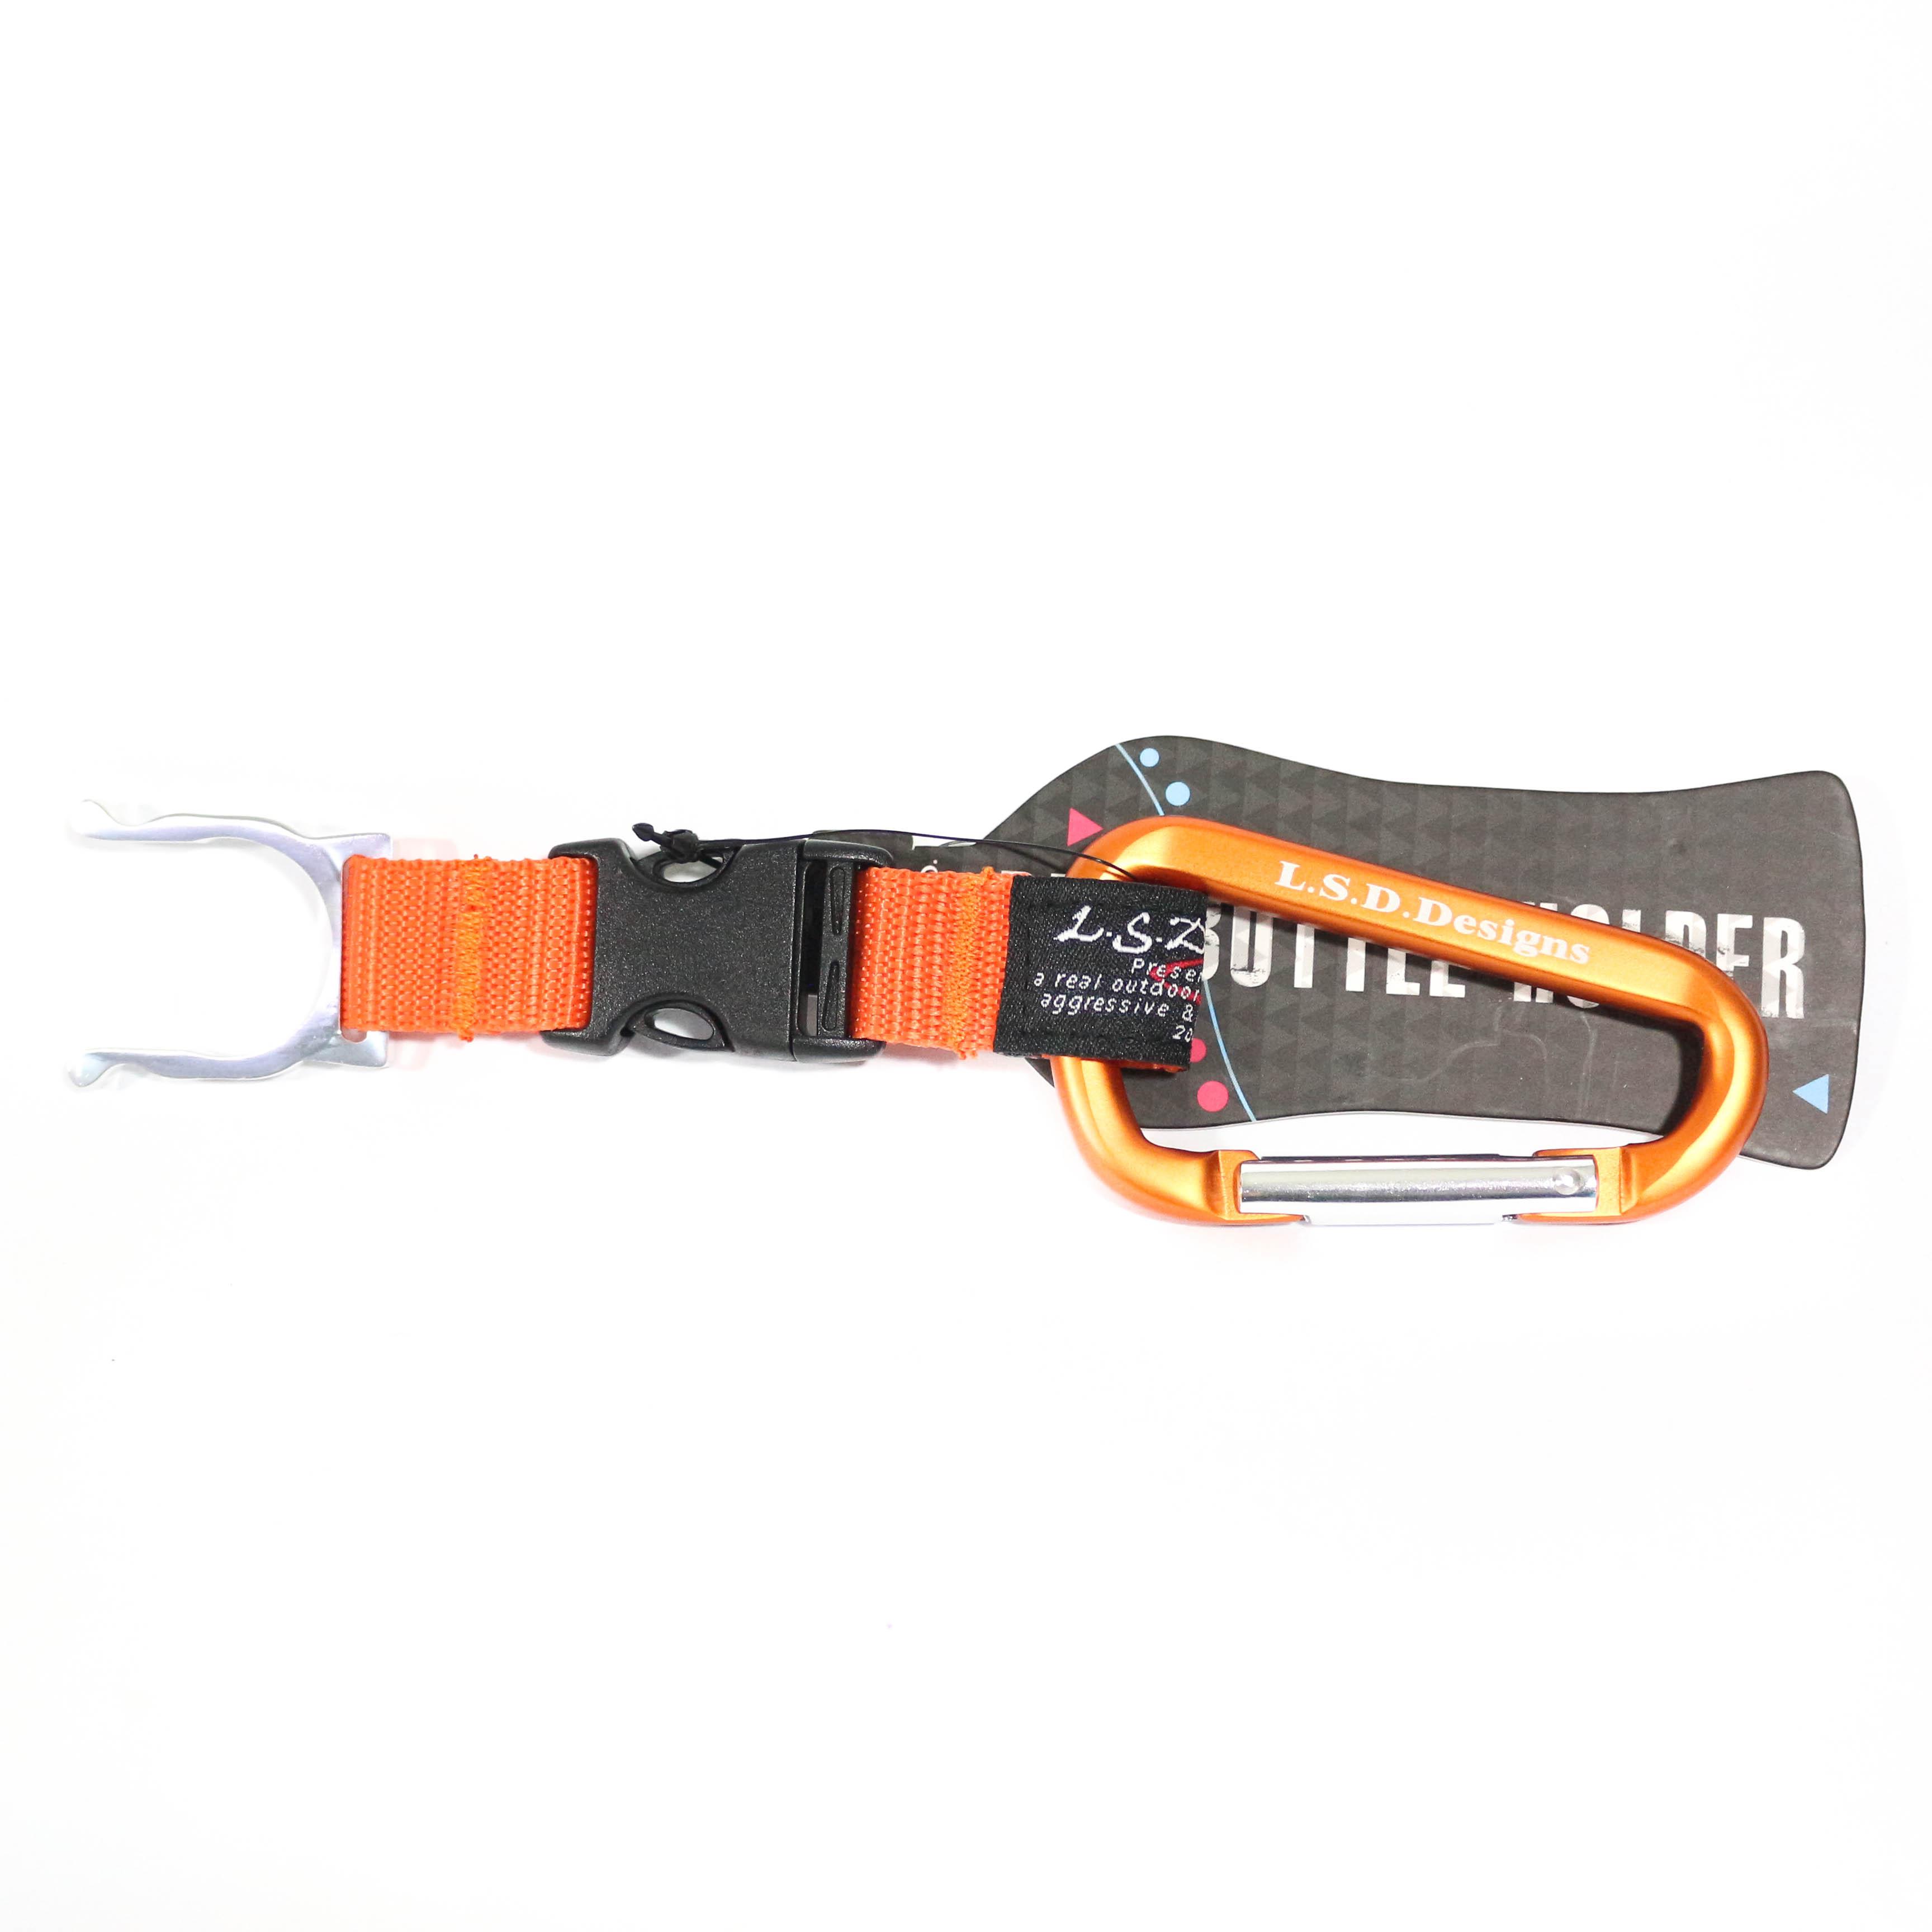 LSD Pet Bottle Holder Carabiner Clip Orange (9286)